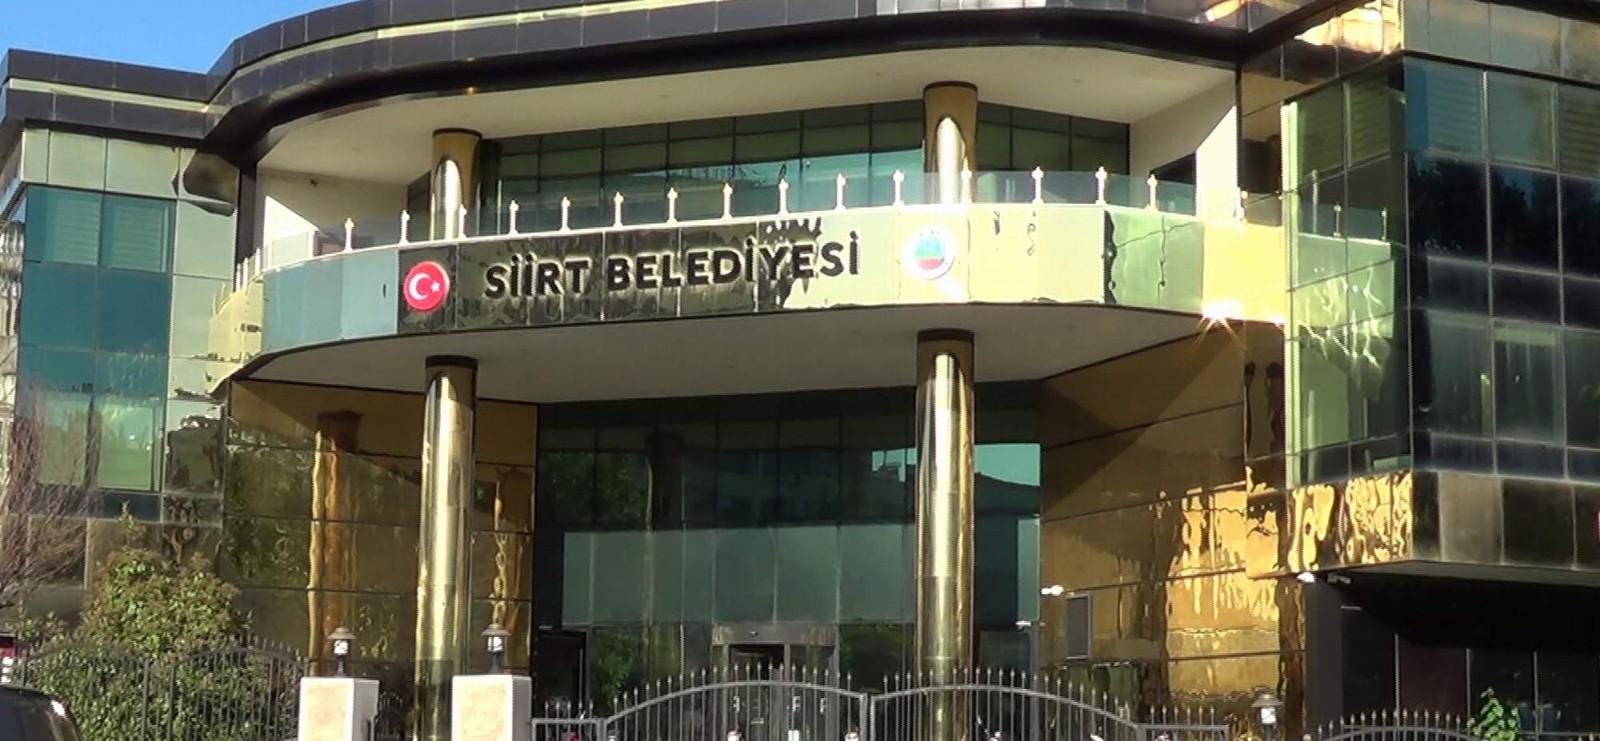 Siirt belediyesi dolandırıcılara karşı vatandaşı uyardı